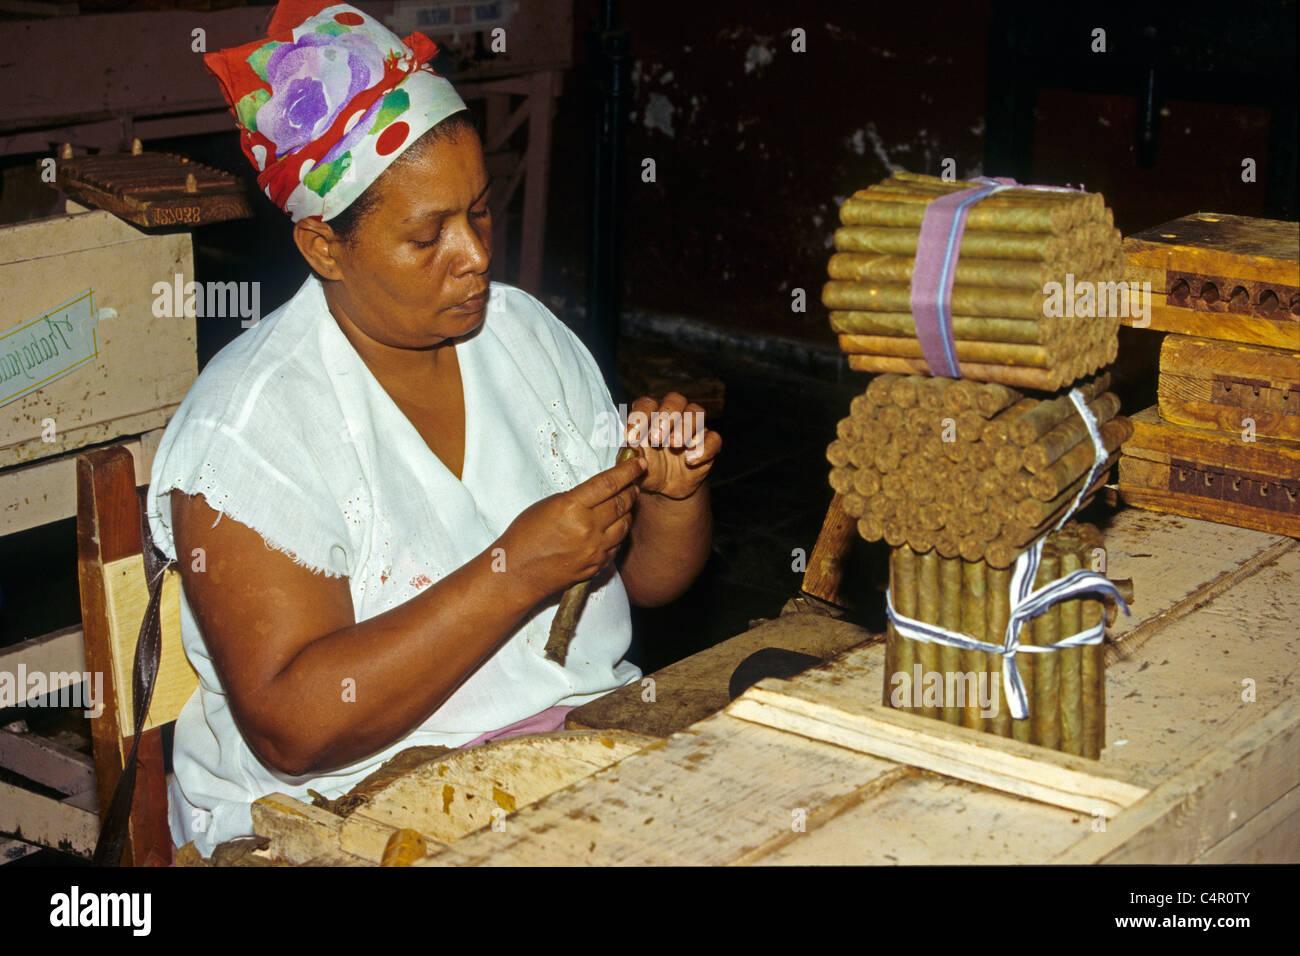 Mujer cubana rolling cigarros en la fabricación de tabaco, Pinar del Río, Cuba, El Caribe Imagen De Stock